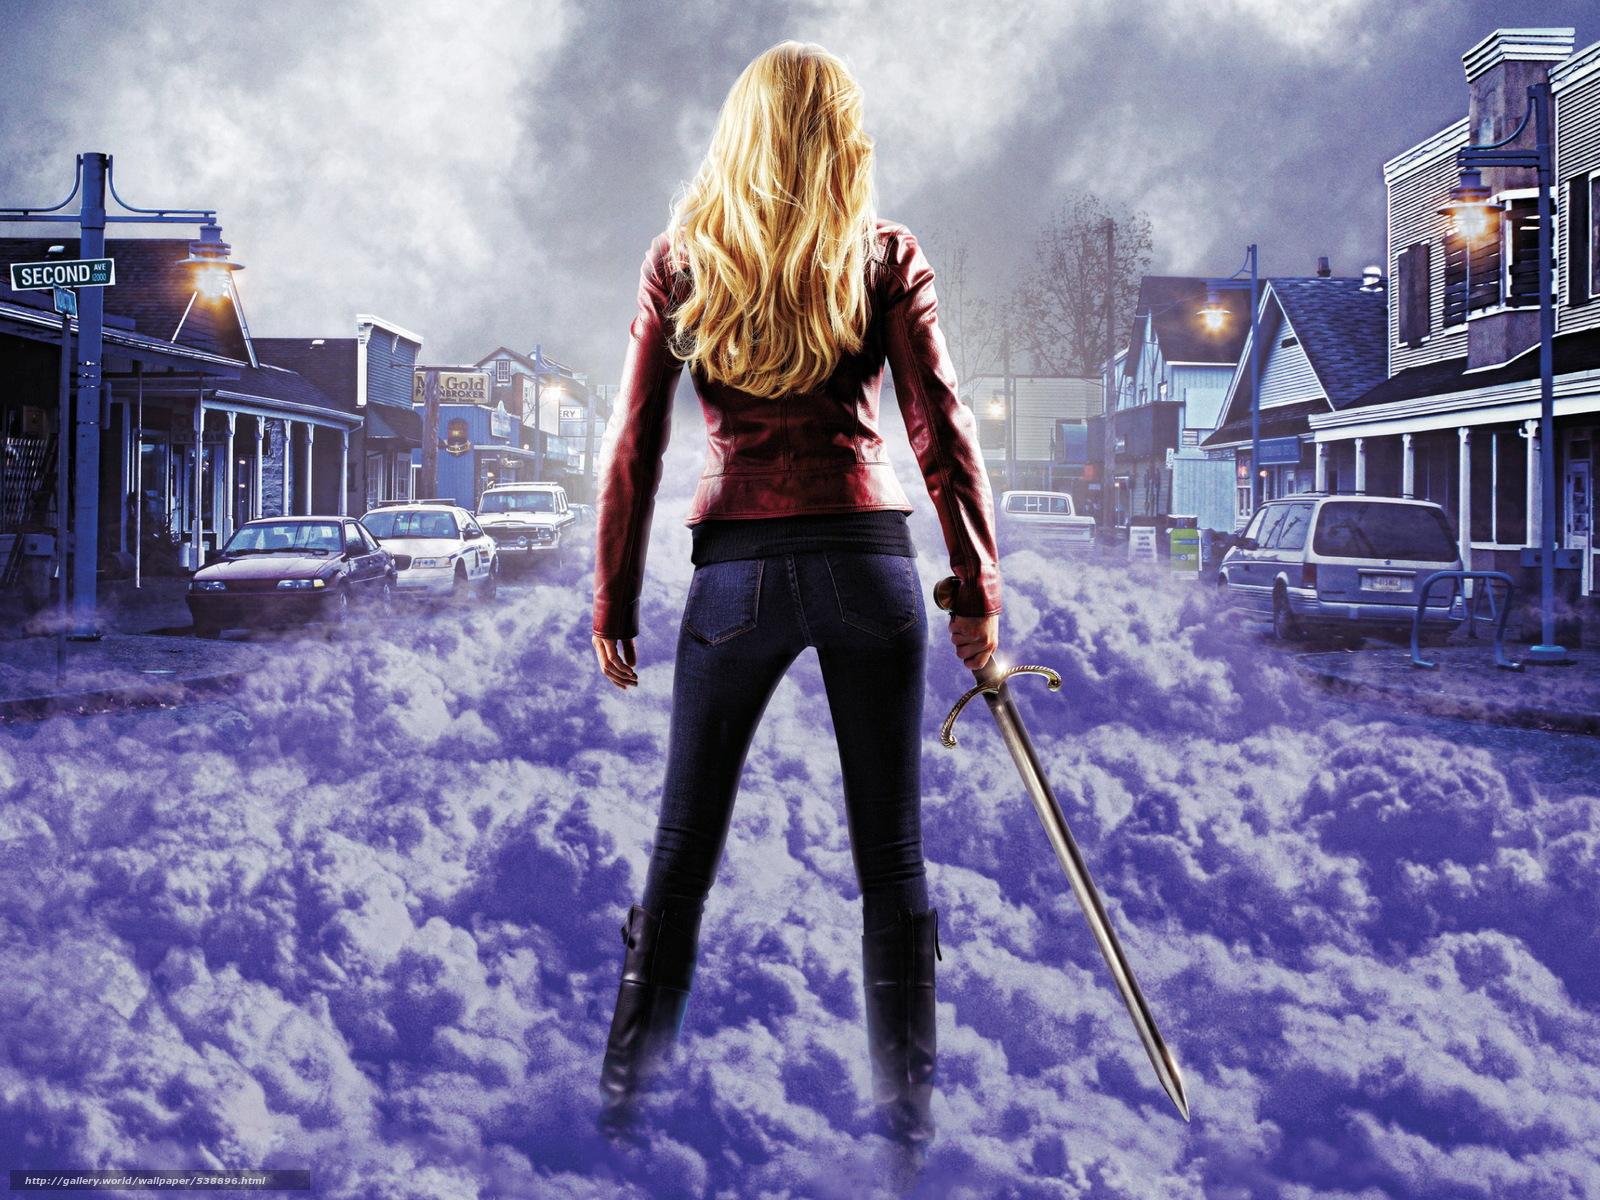 Скачать на телефон обои фото картинку на тему Jennifer Marie Morrison, Once Upon a Time, Emma Swan, разширение 2330x1747